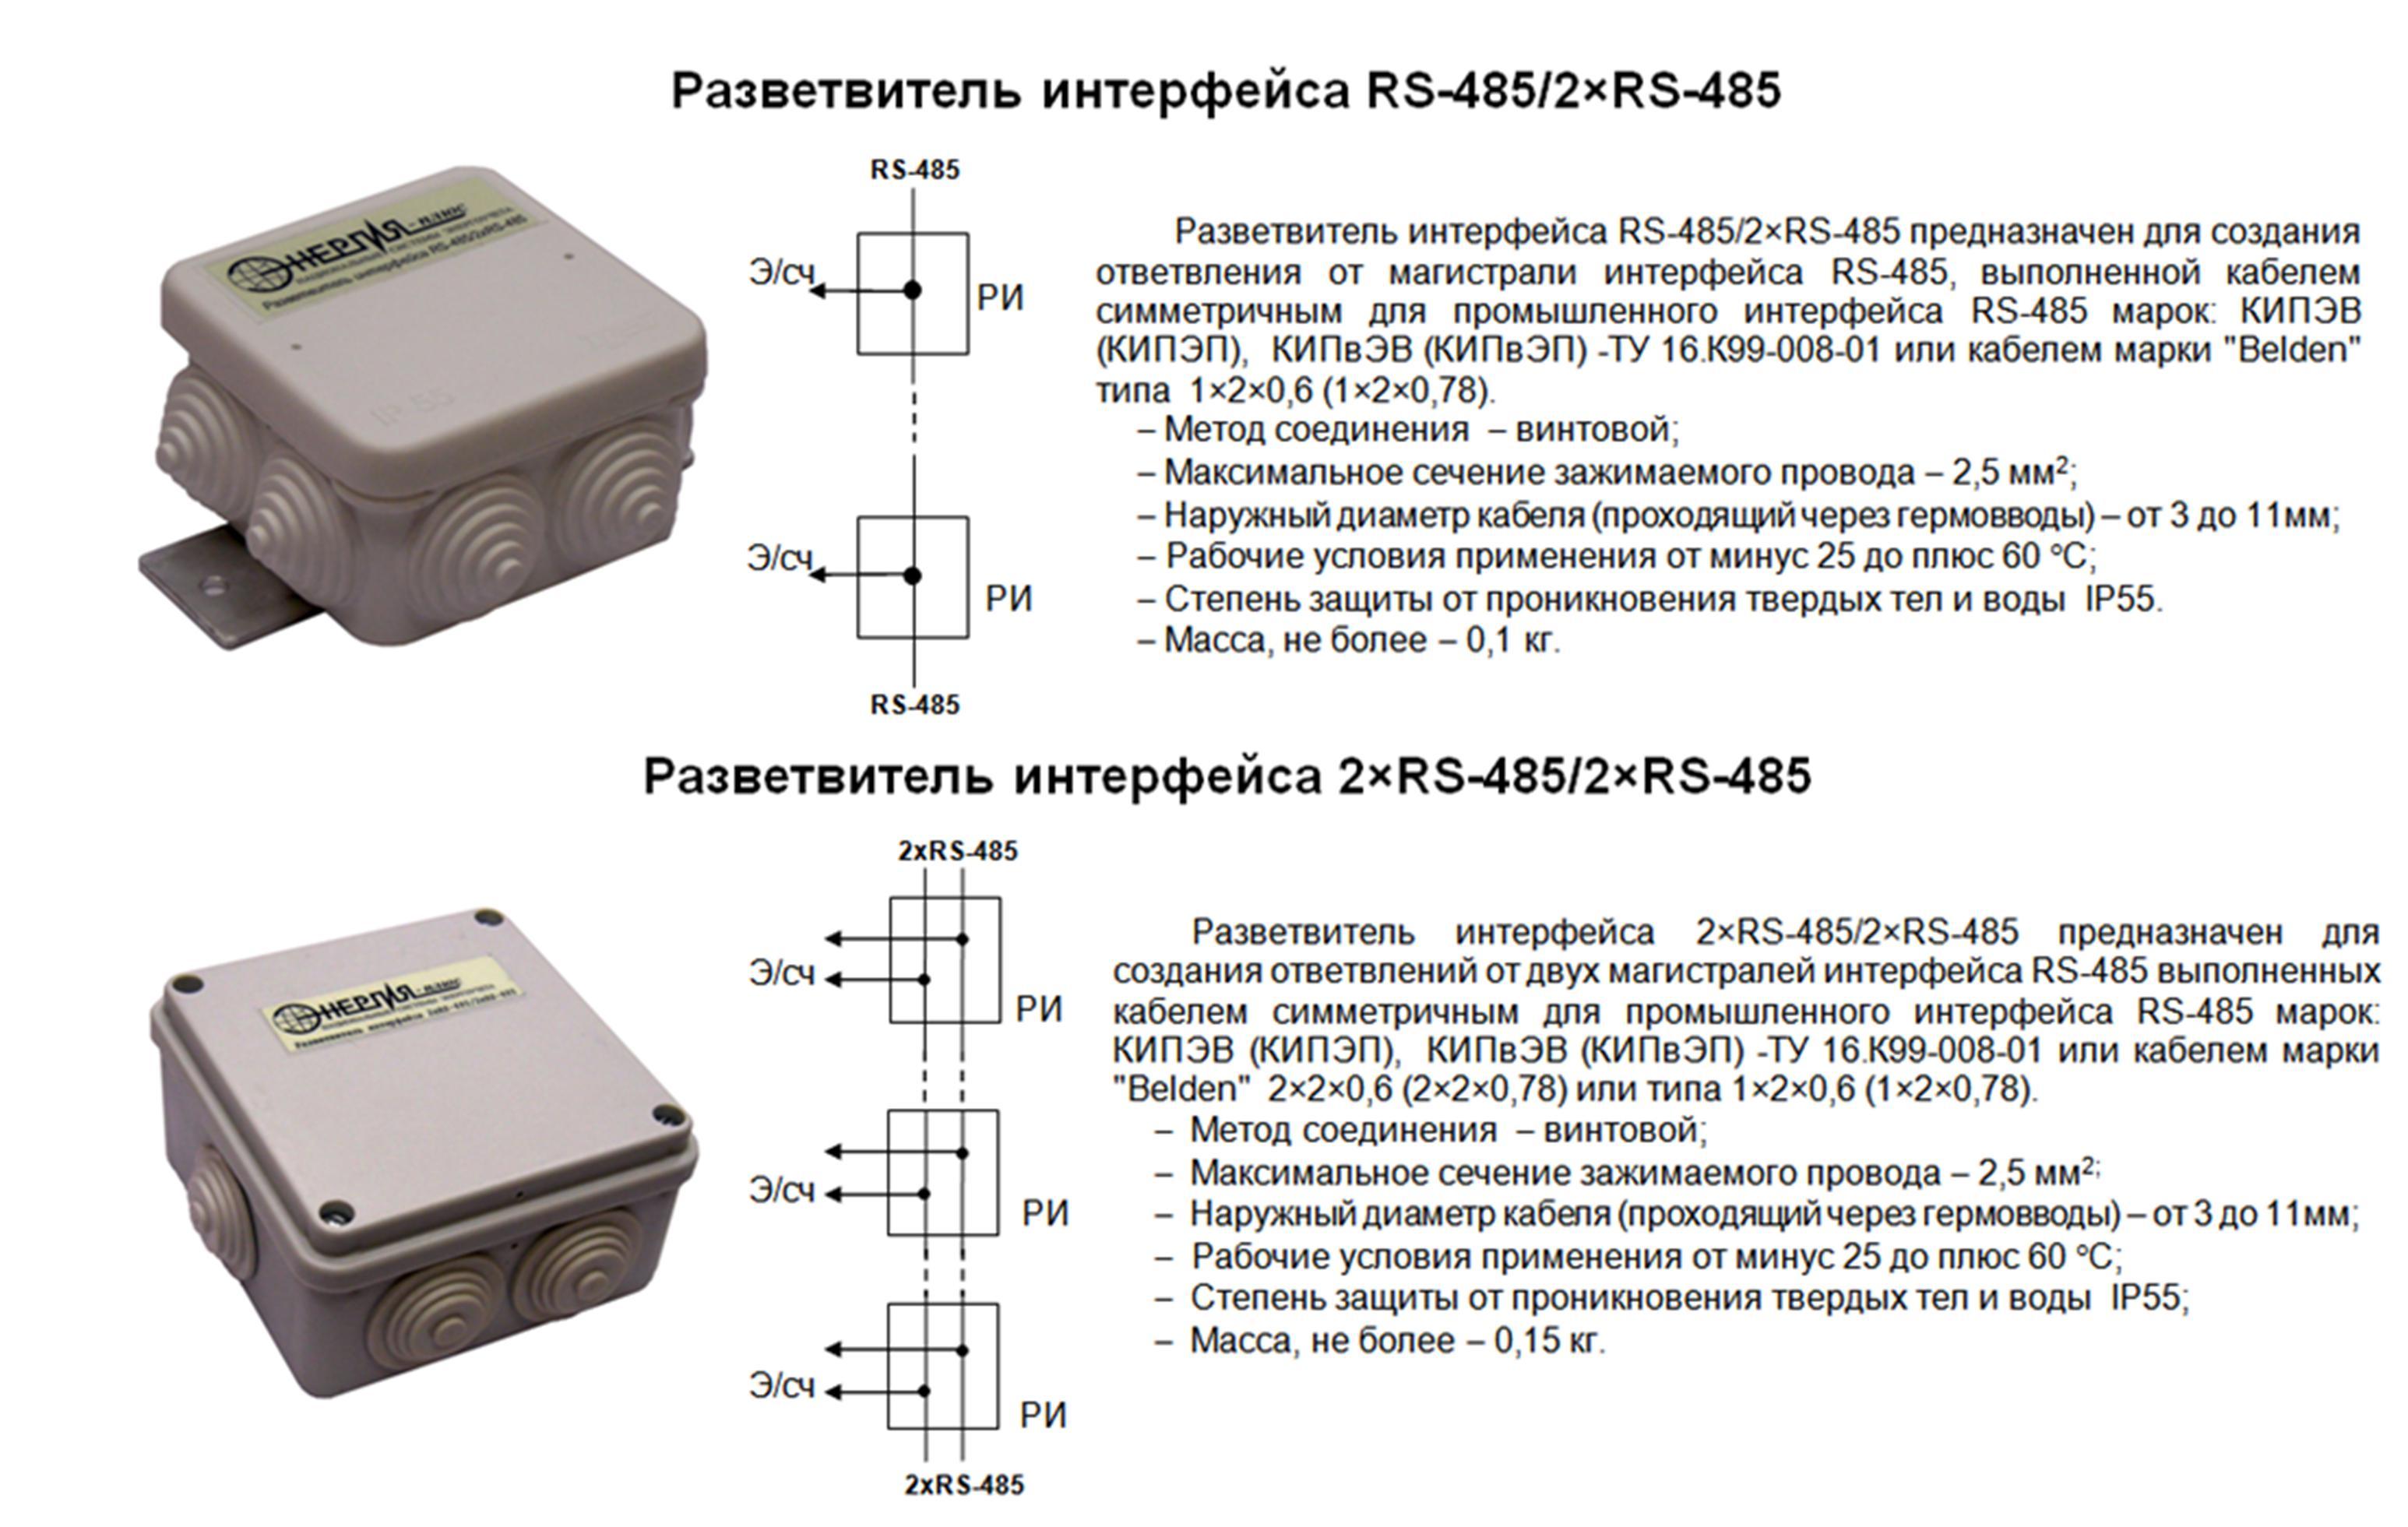 802020504 схема